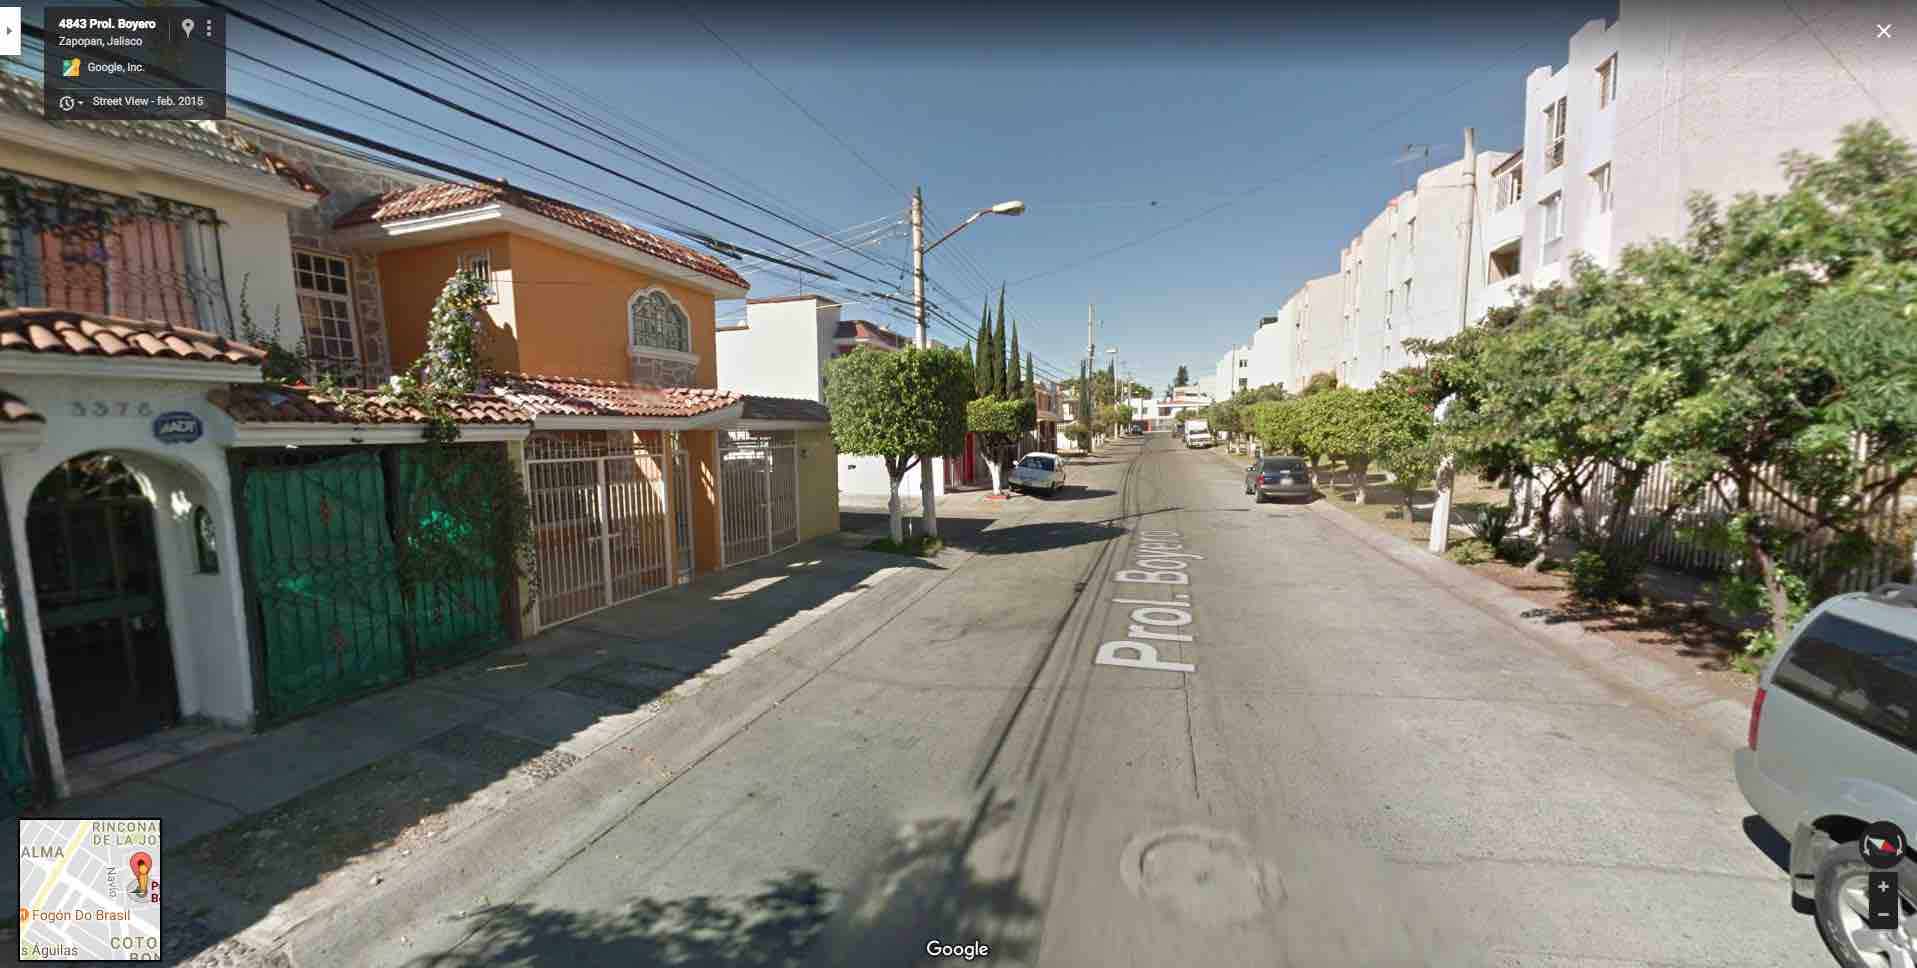 Rinconada La Calma, Calle Prolongación Boyero 3378 CASA 17, Zapopan, Jal. C.P. 45080